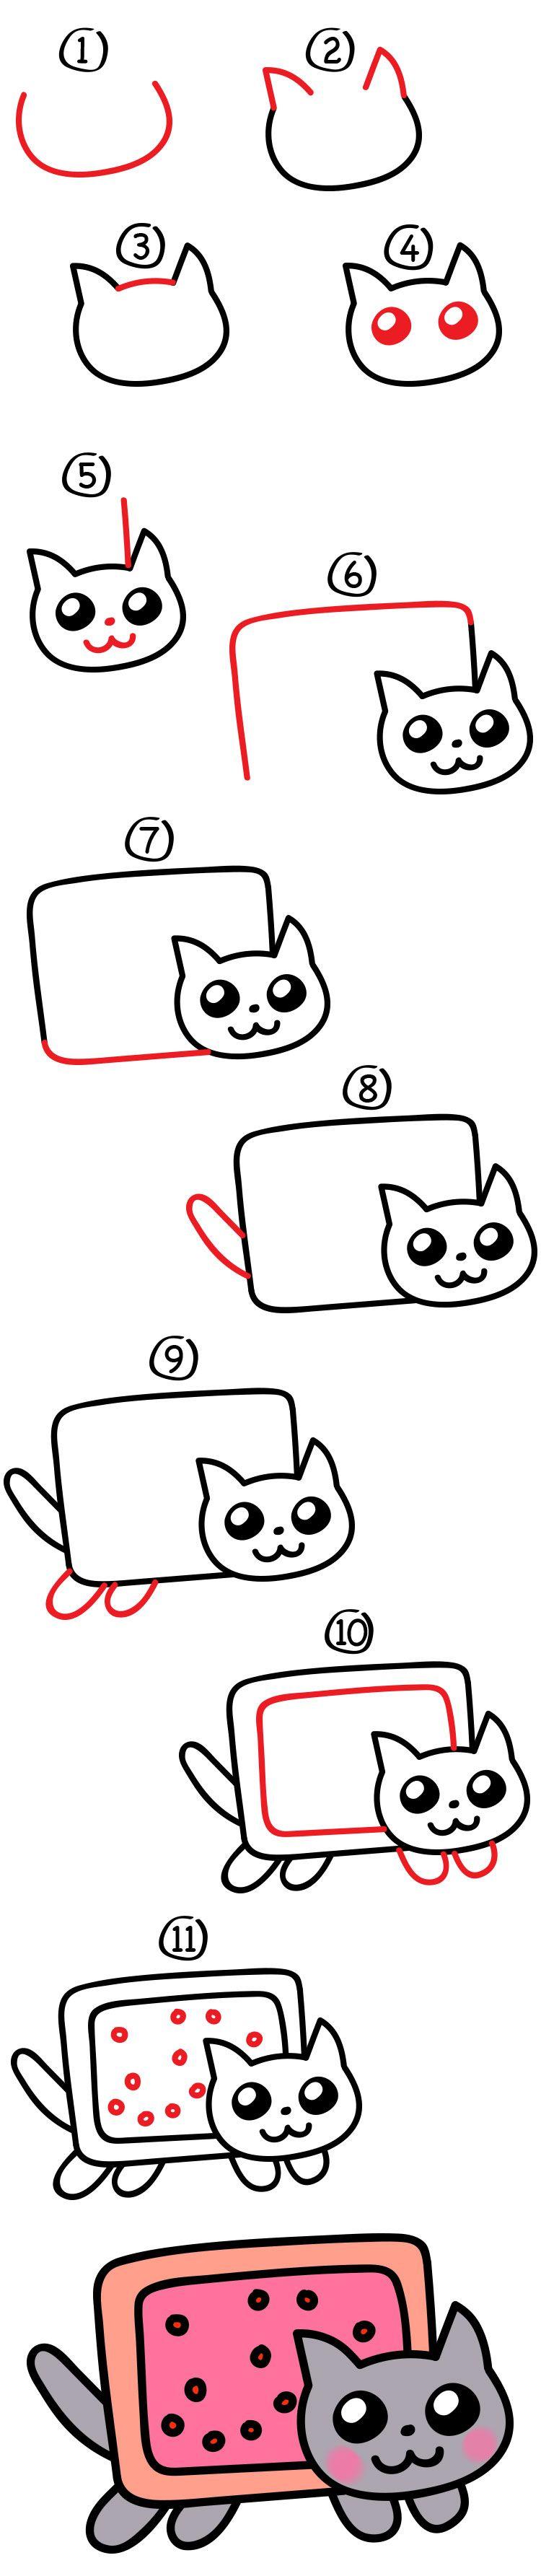 Pingl par jeanne peillex sur coloriage dessin comment - Apprendre a dessiner des animaux mignon ...